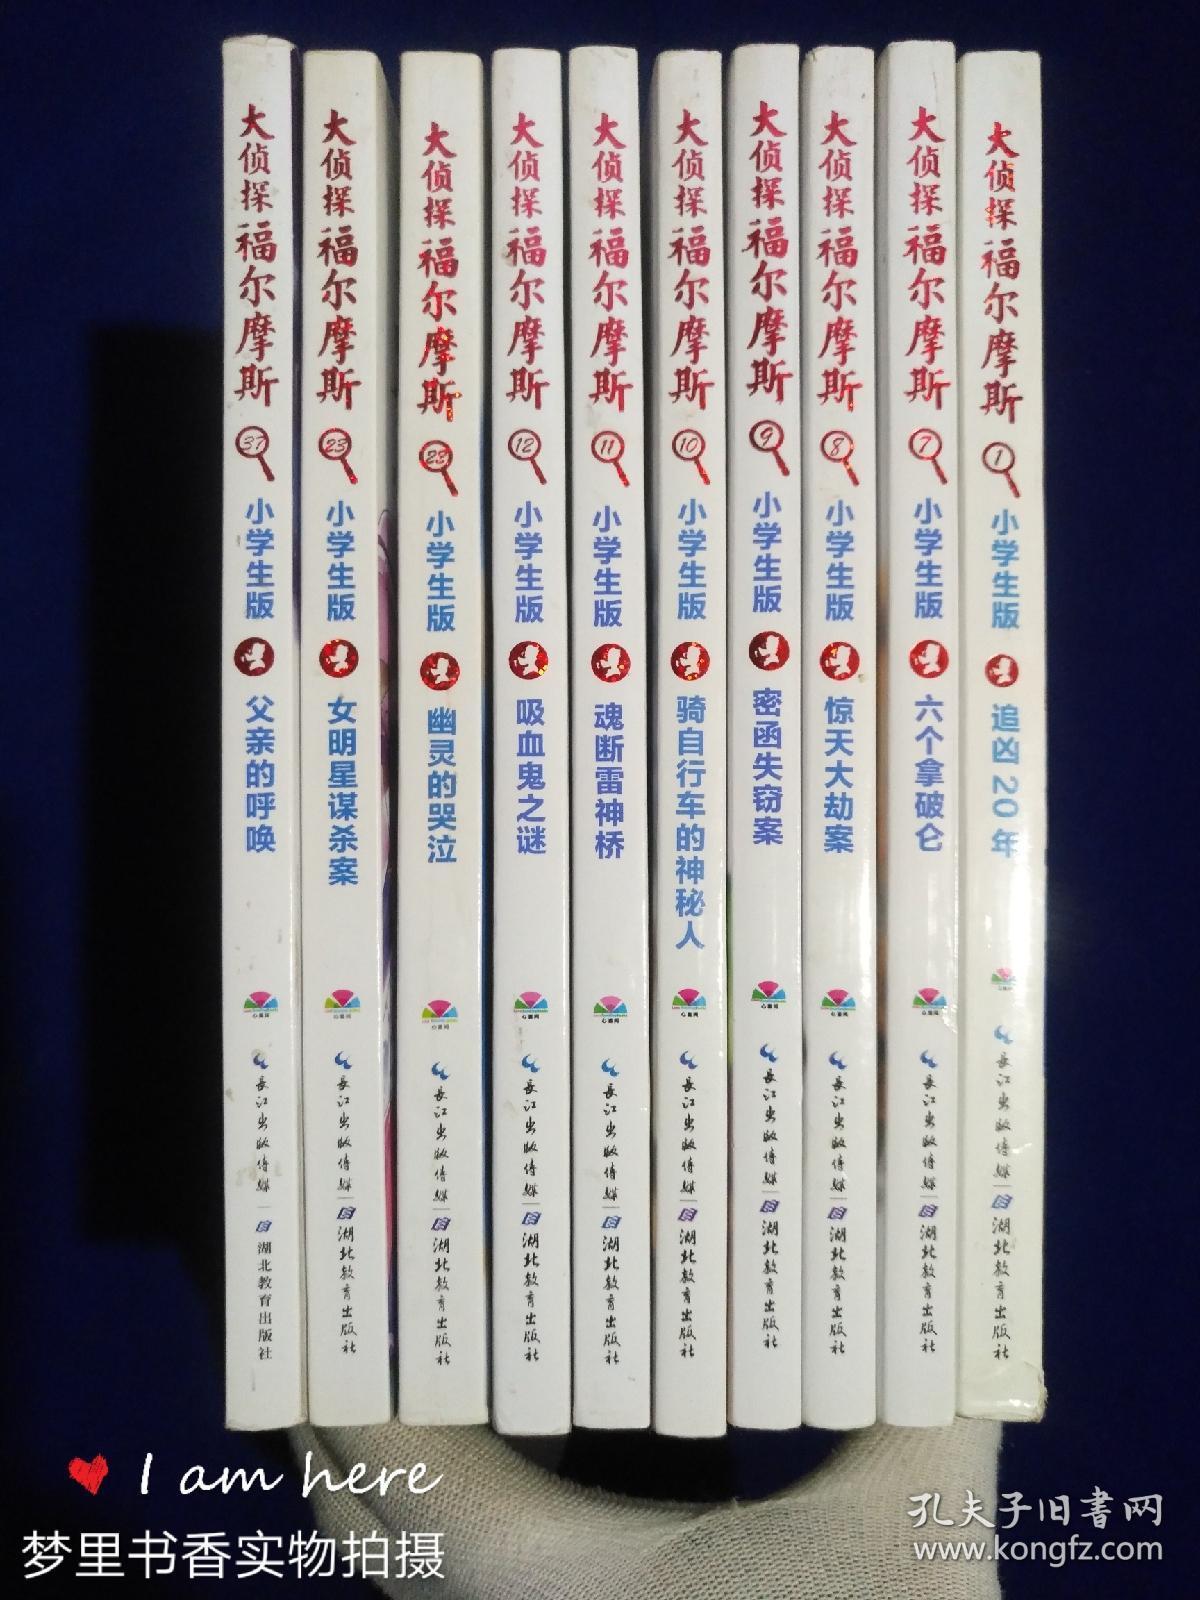 大侦探福尔摩斯小学生版:追凶20年、六个拿破仑、惊天大劫案、密函失窃案、骑自行车的神秘人、魂断雷神桥、吸血鬼之谜、幽灵的哭泣、女明星谋杀案、父亲的呼唤(10册合售)